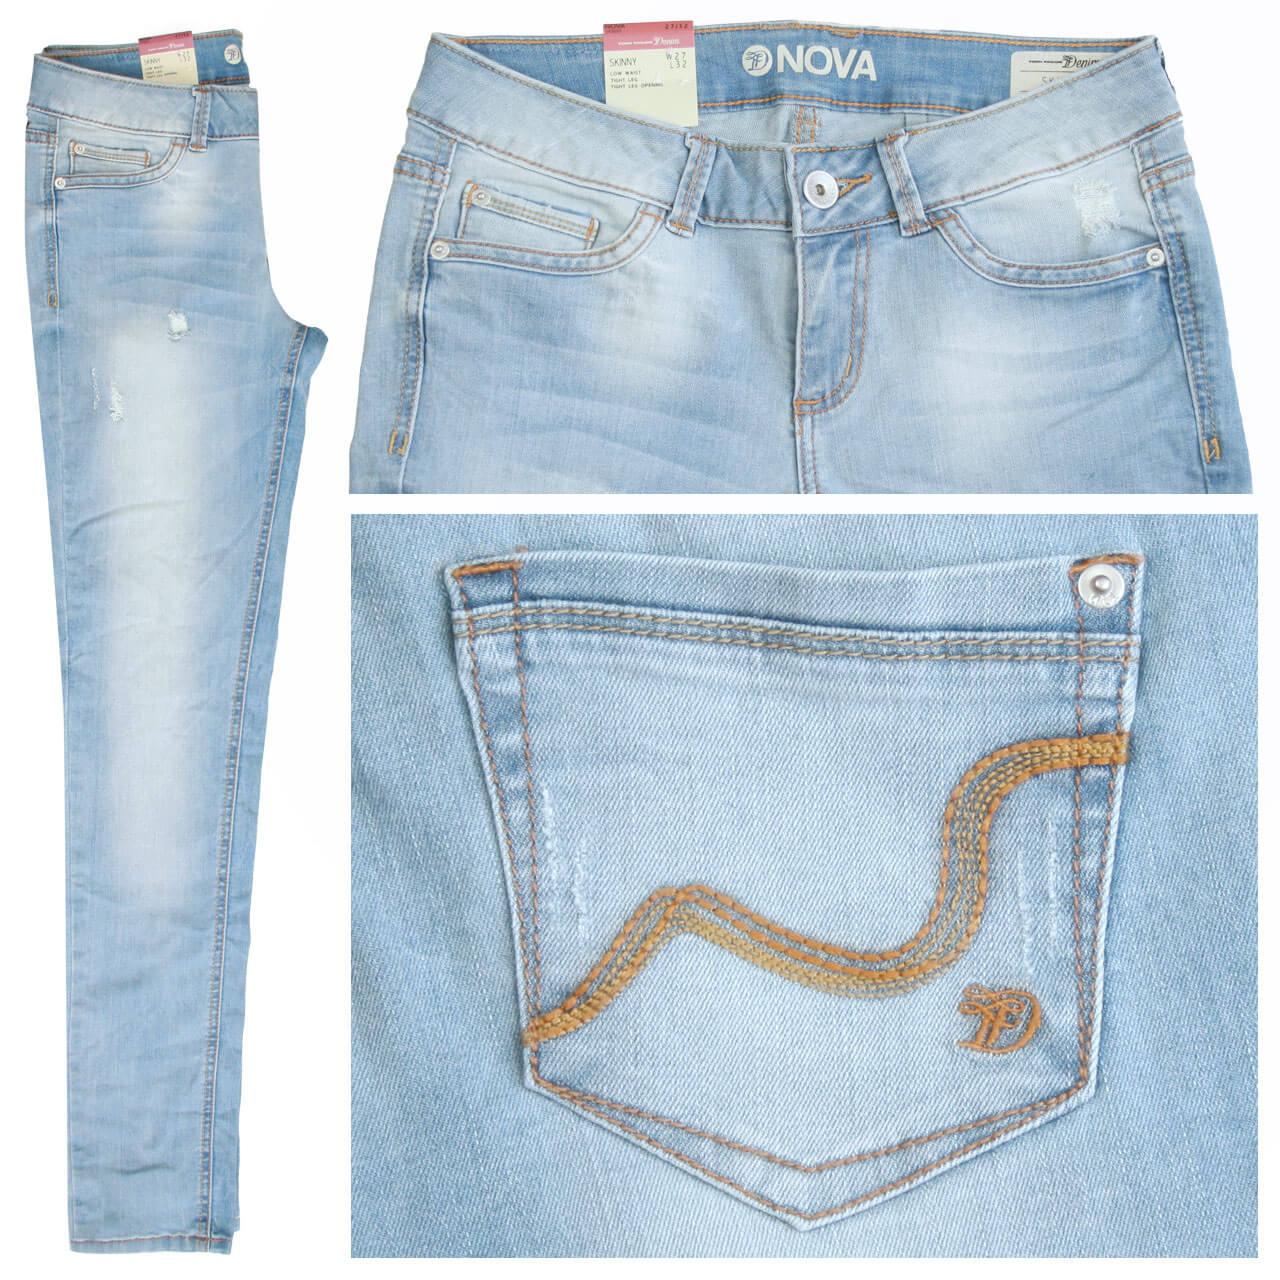 TomTailor-Nova-Jeansbleachedvintage